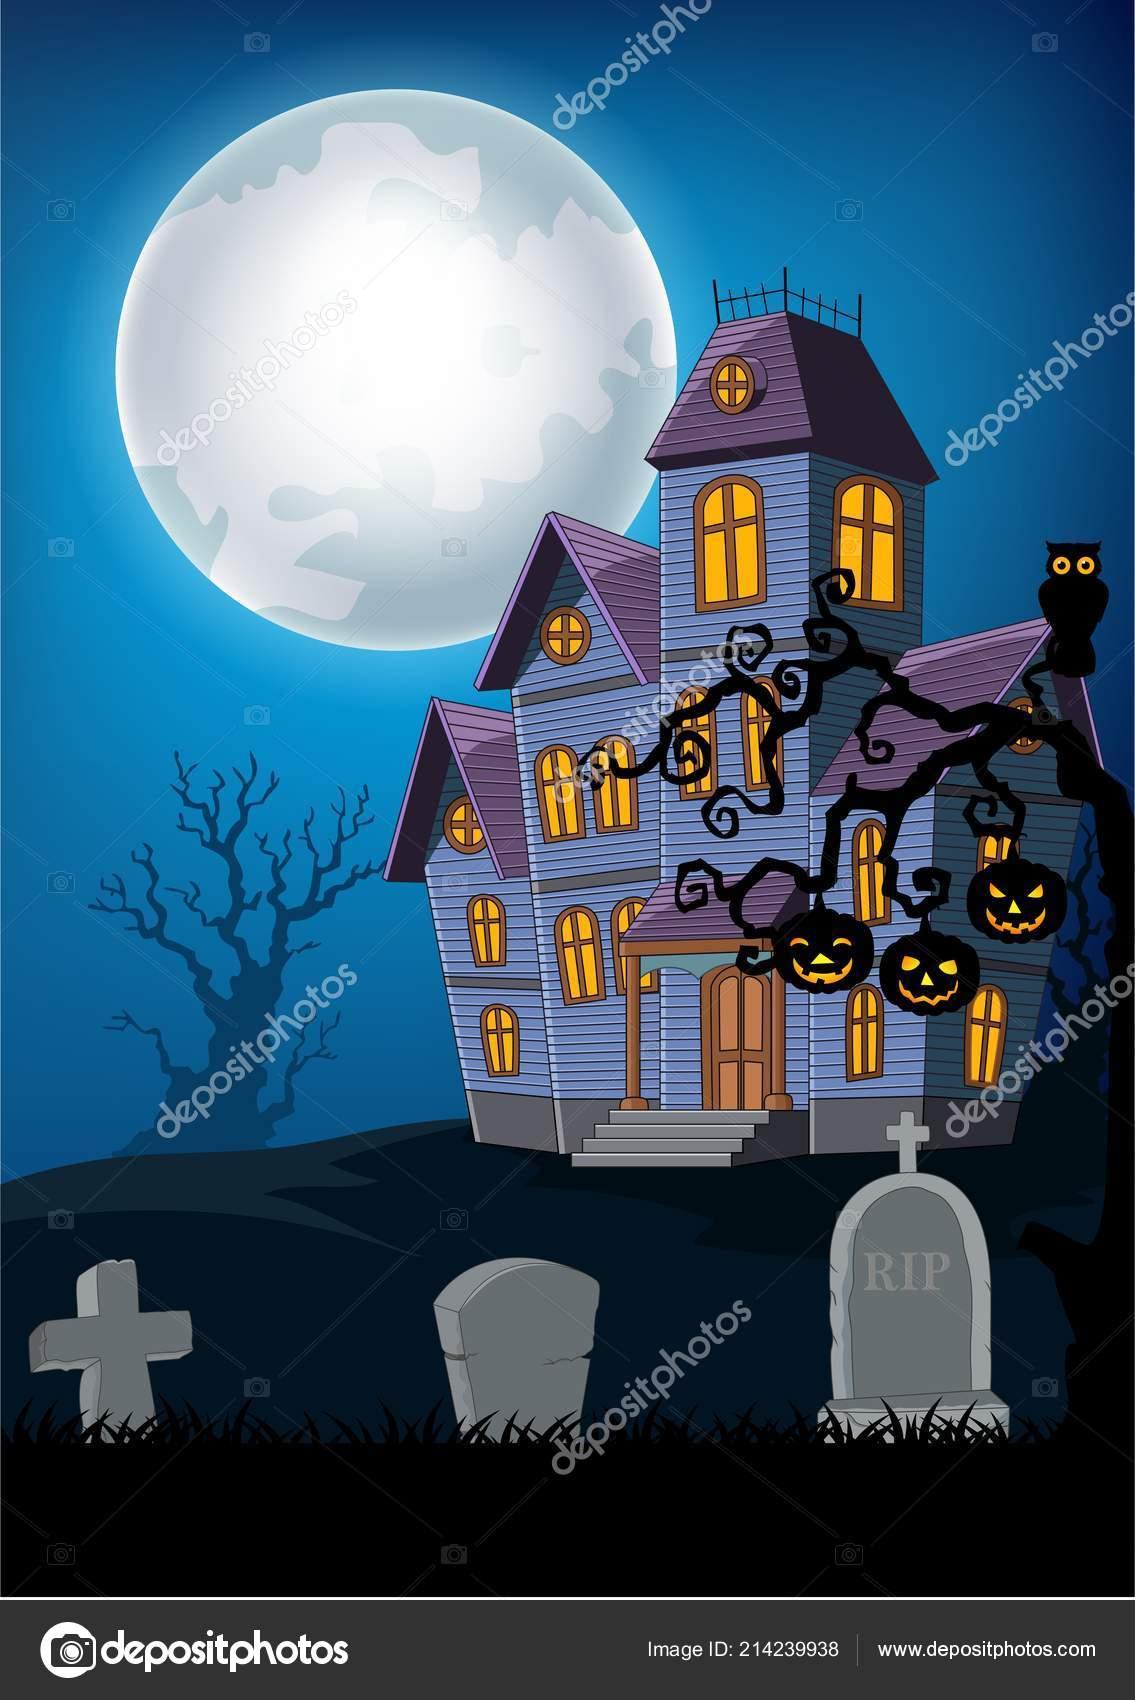 Illustration Vectorielle Maison Hantée Dessin Animé Avec